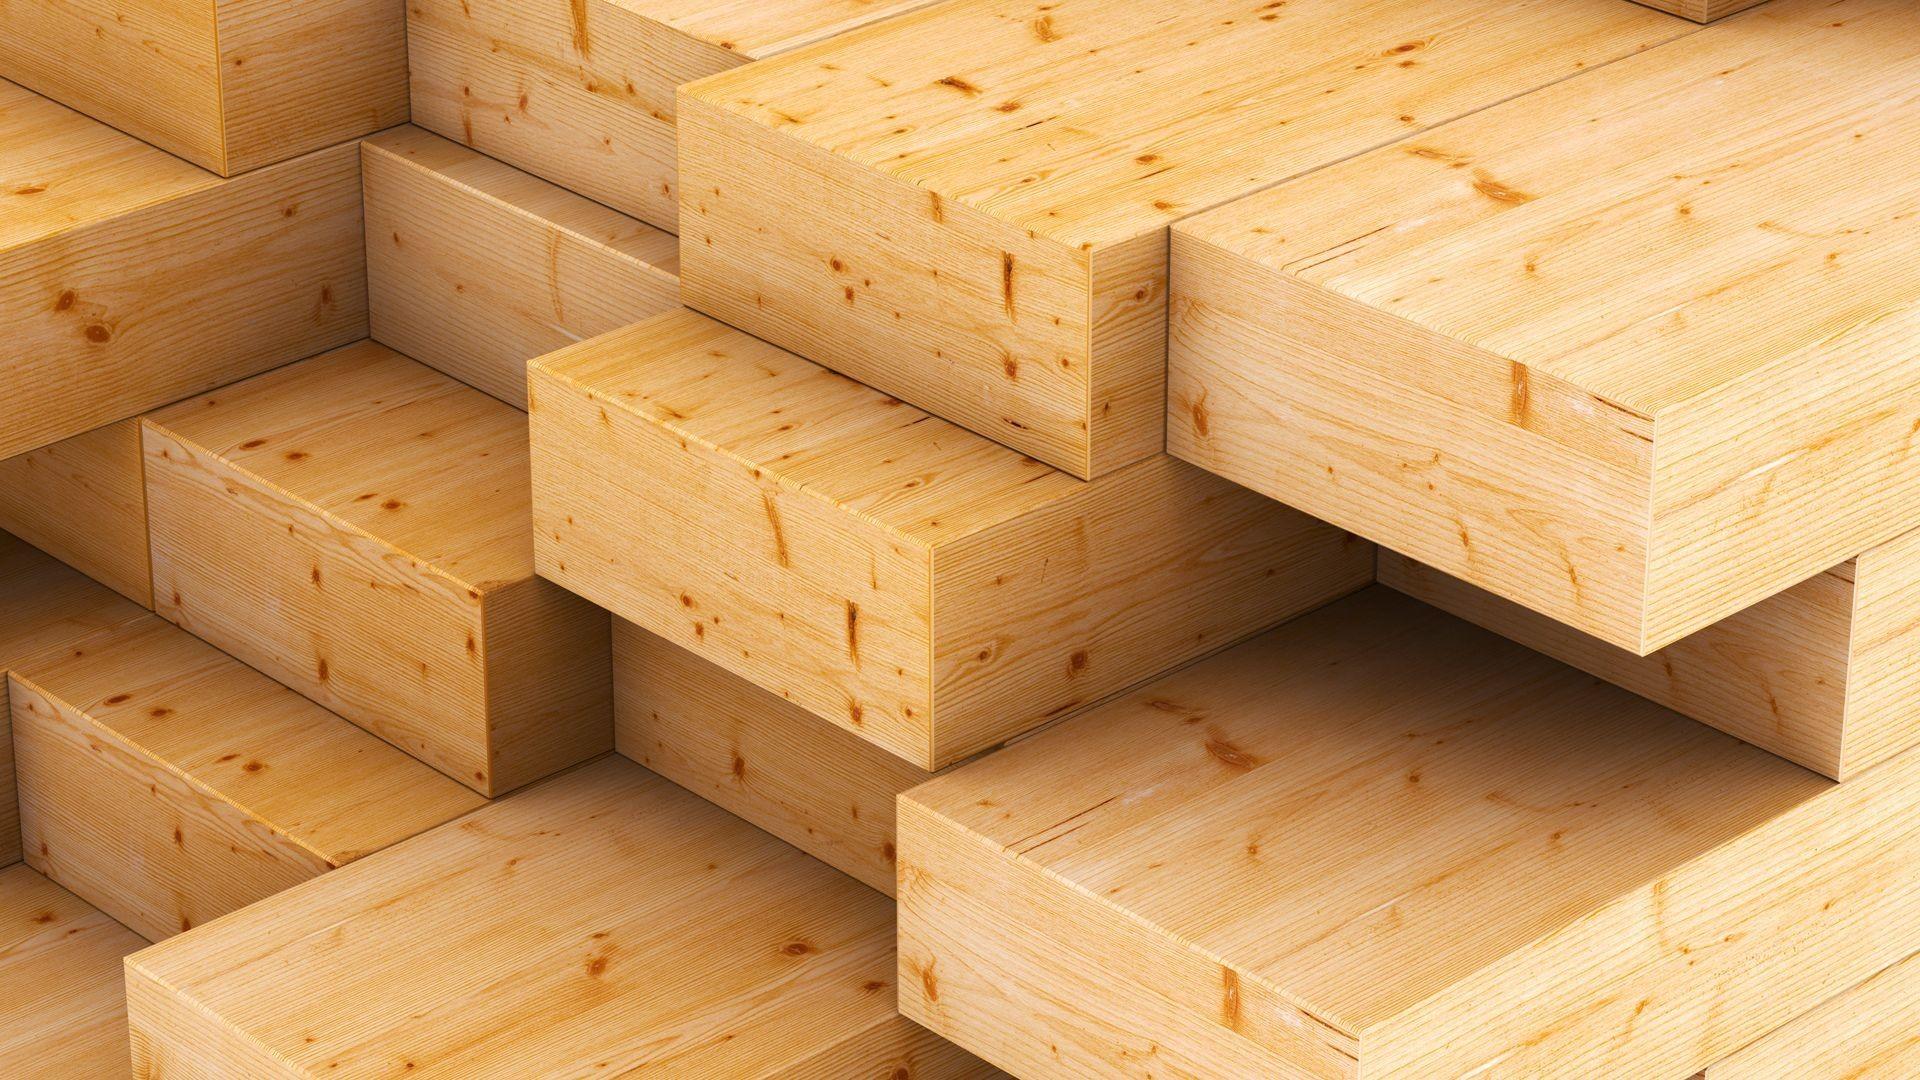 Venta de tableros de madera en Madrid